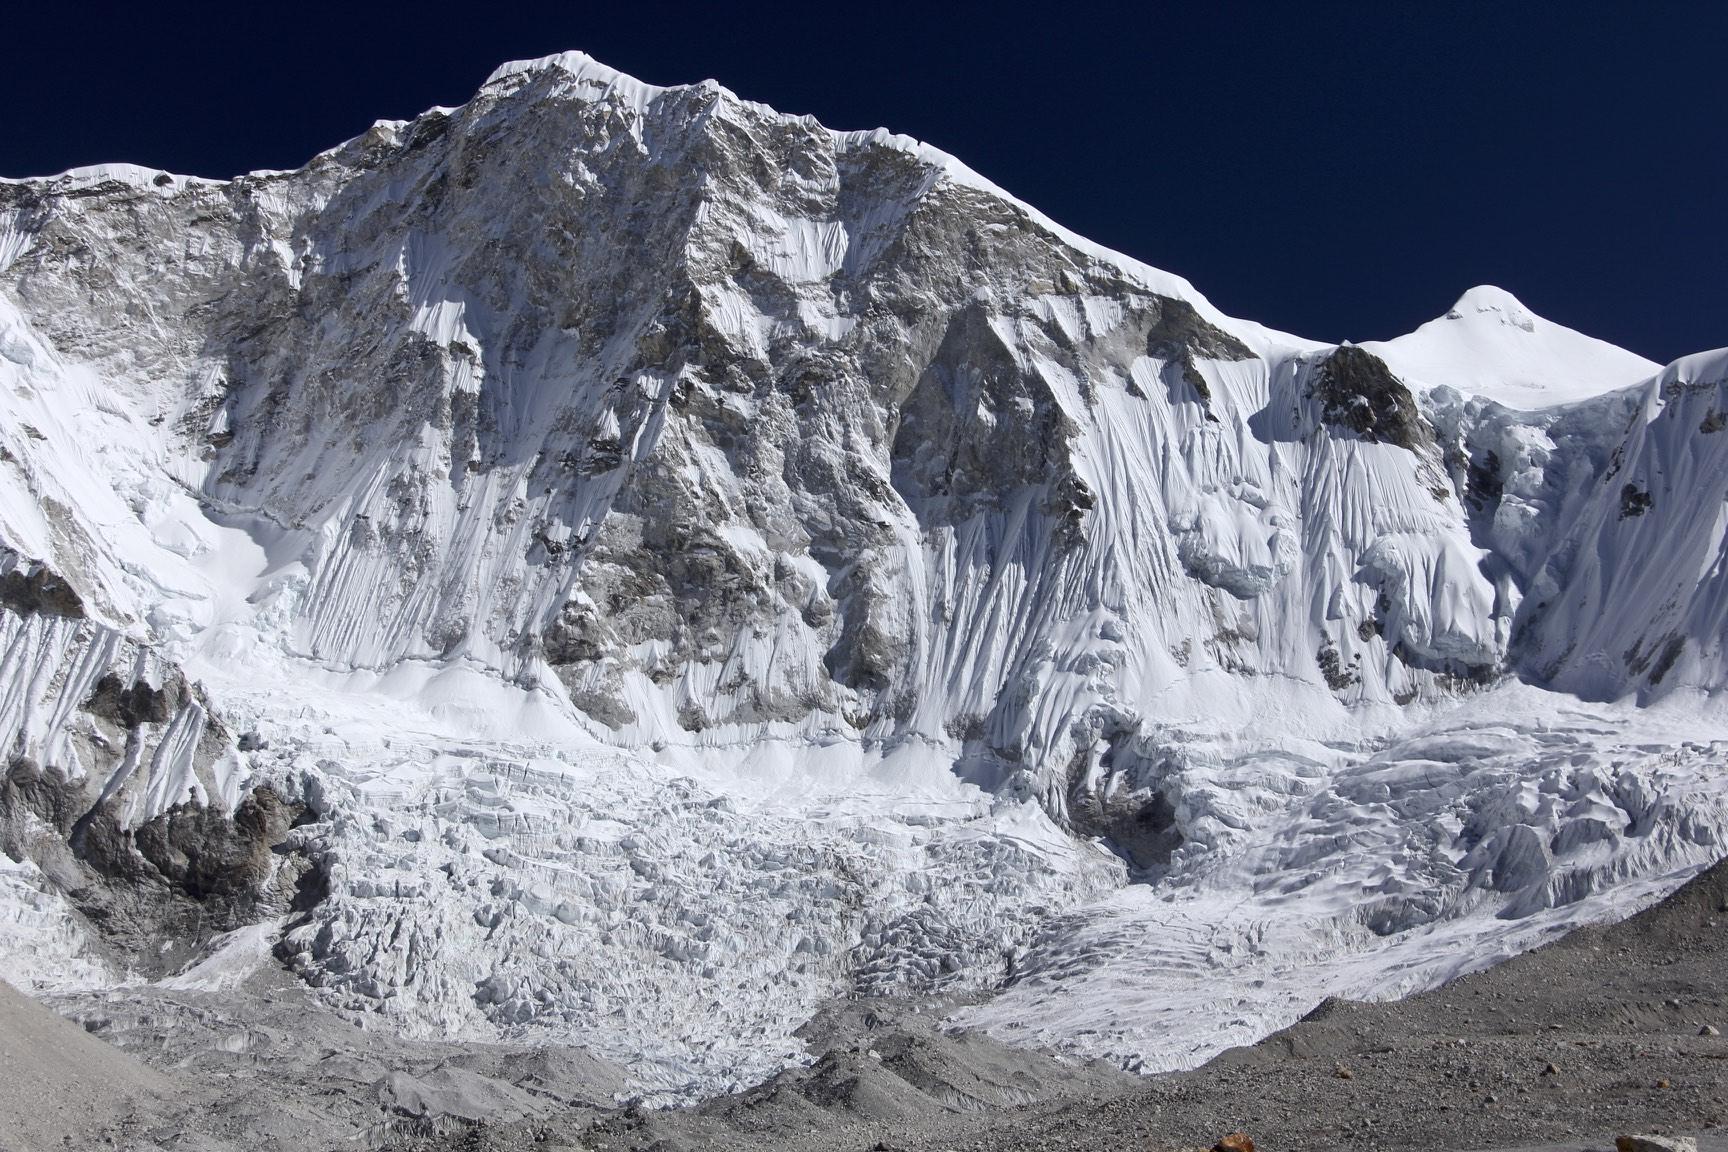 Mt. Baruntse